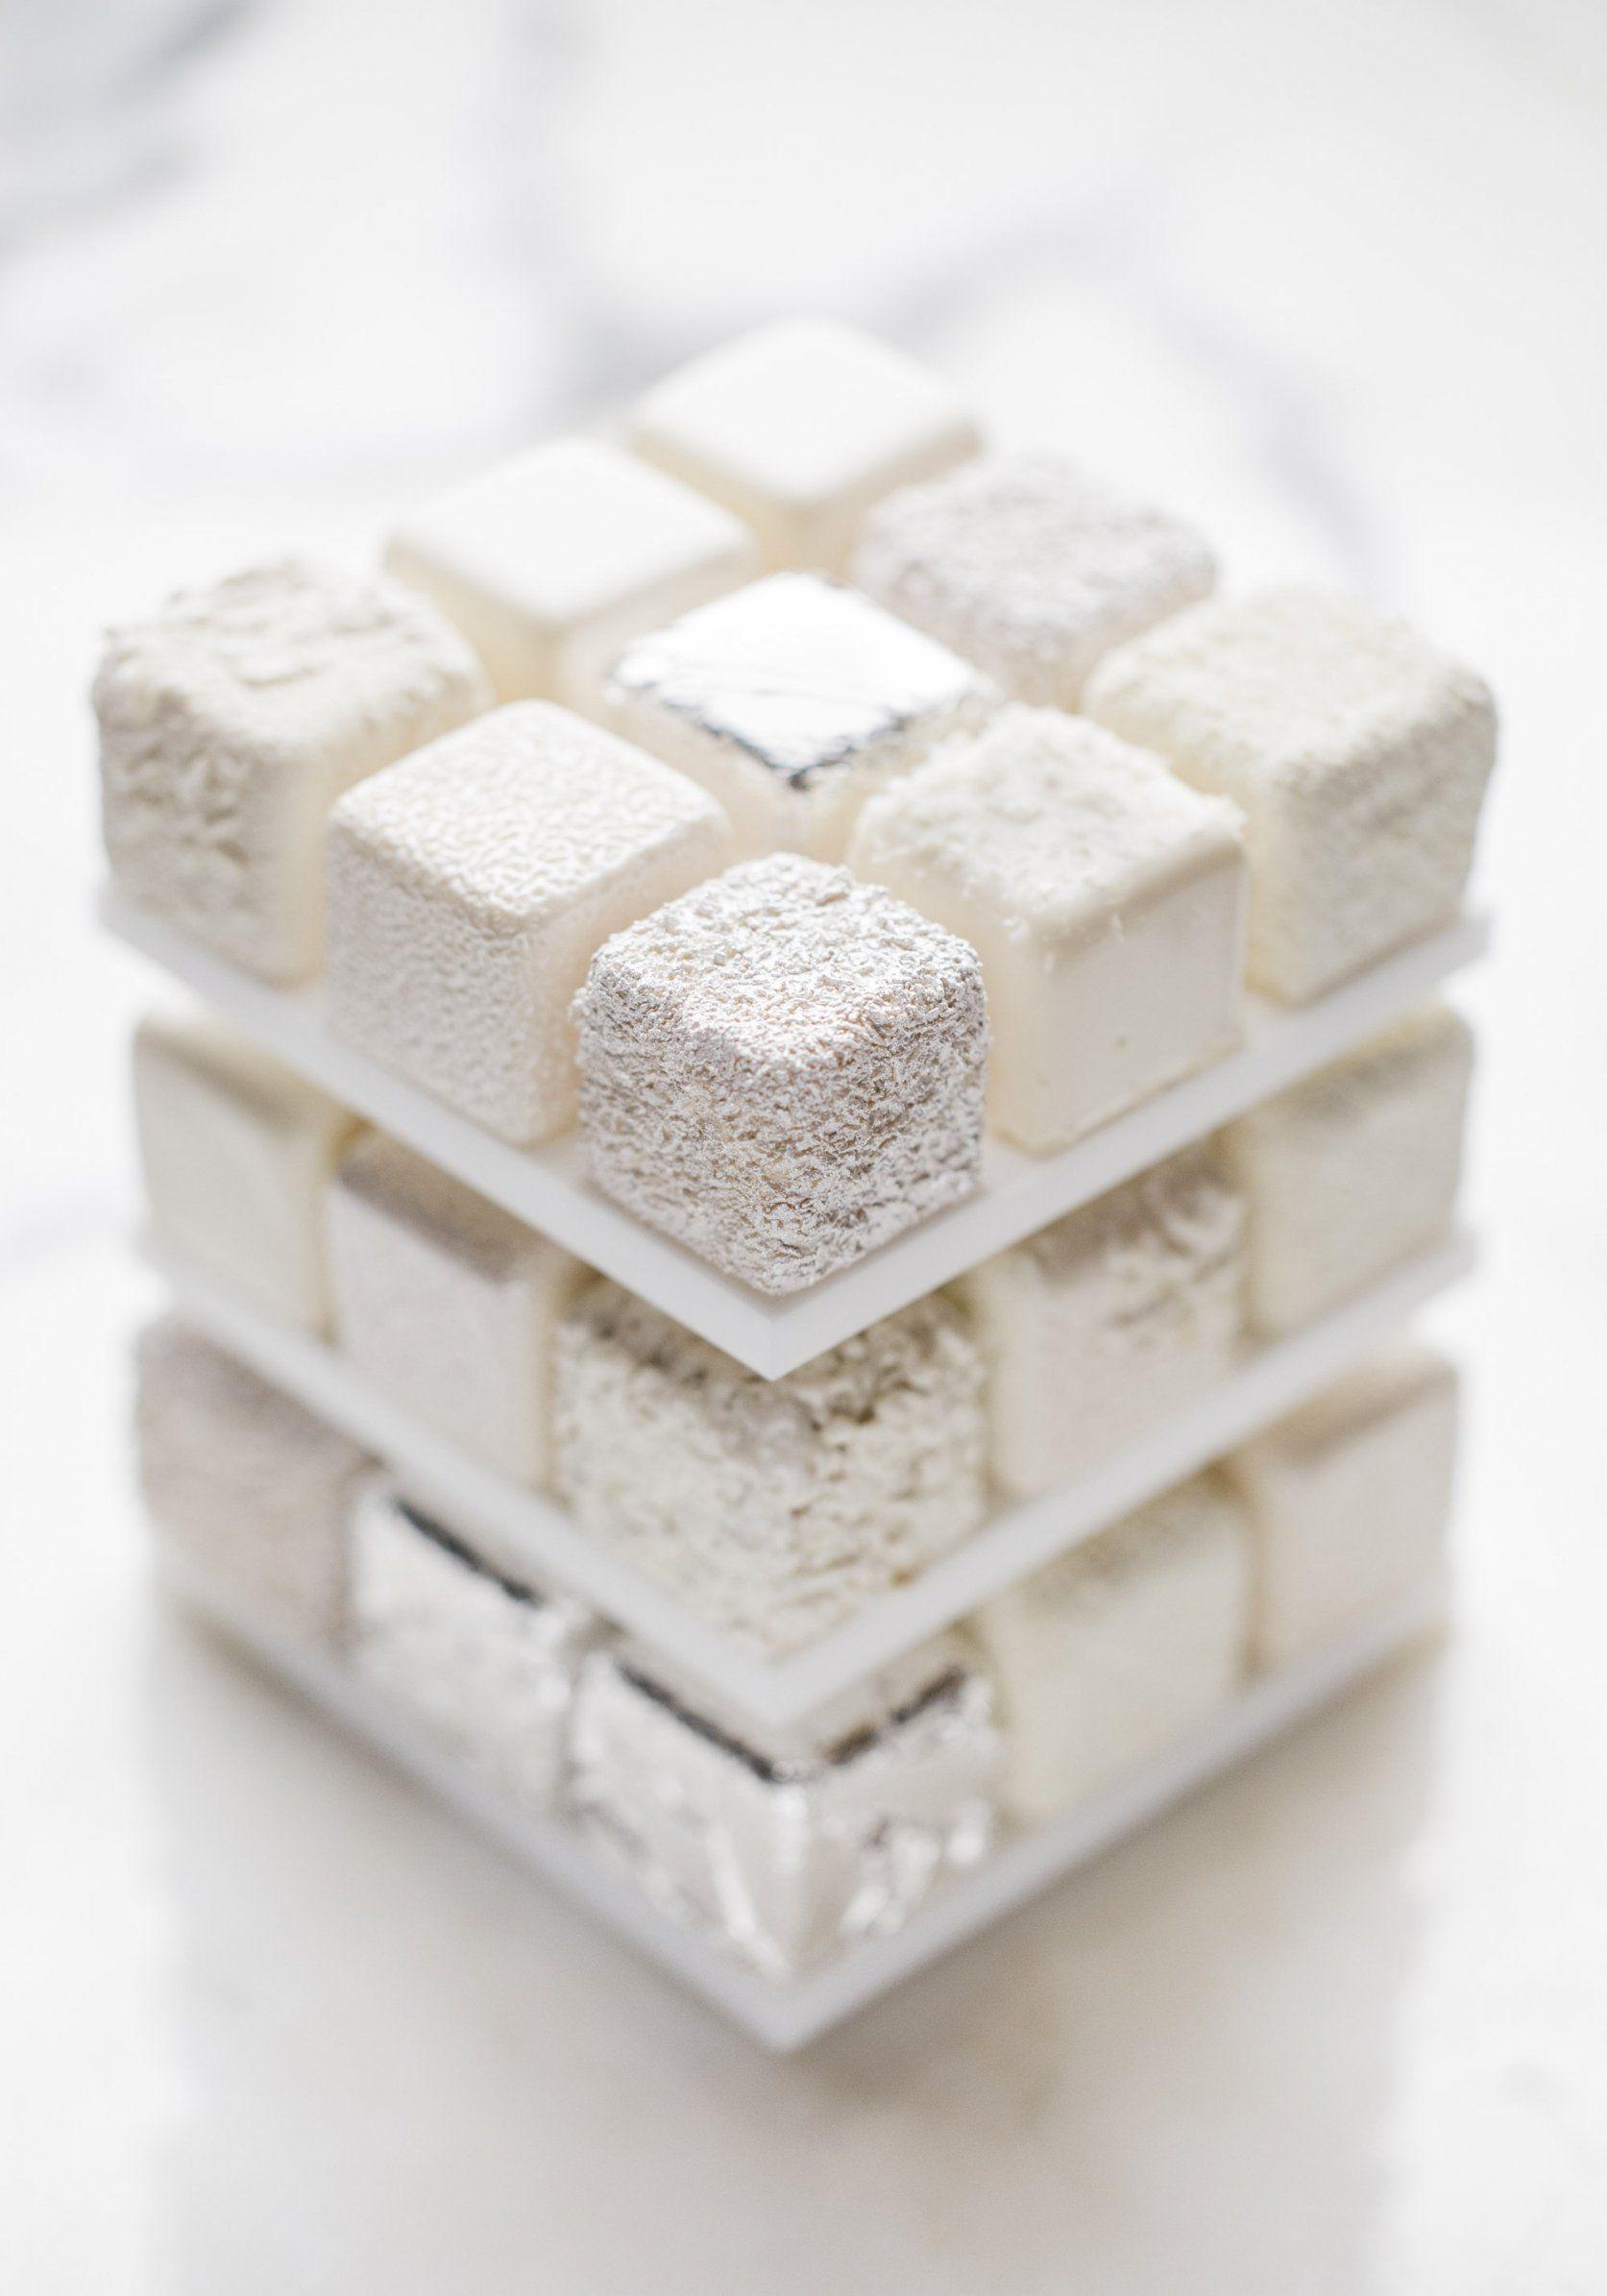 buche de noel 2018 marron chocolat Bûche de Noël Rubik's Cube   Hôtel Meurice en 5 cinq parfums  buche de noel 2018 marron chocolat